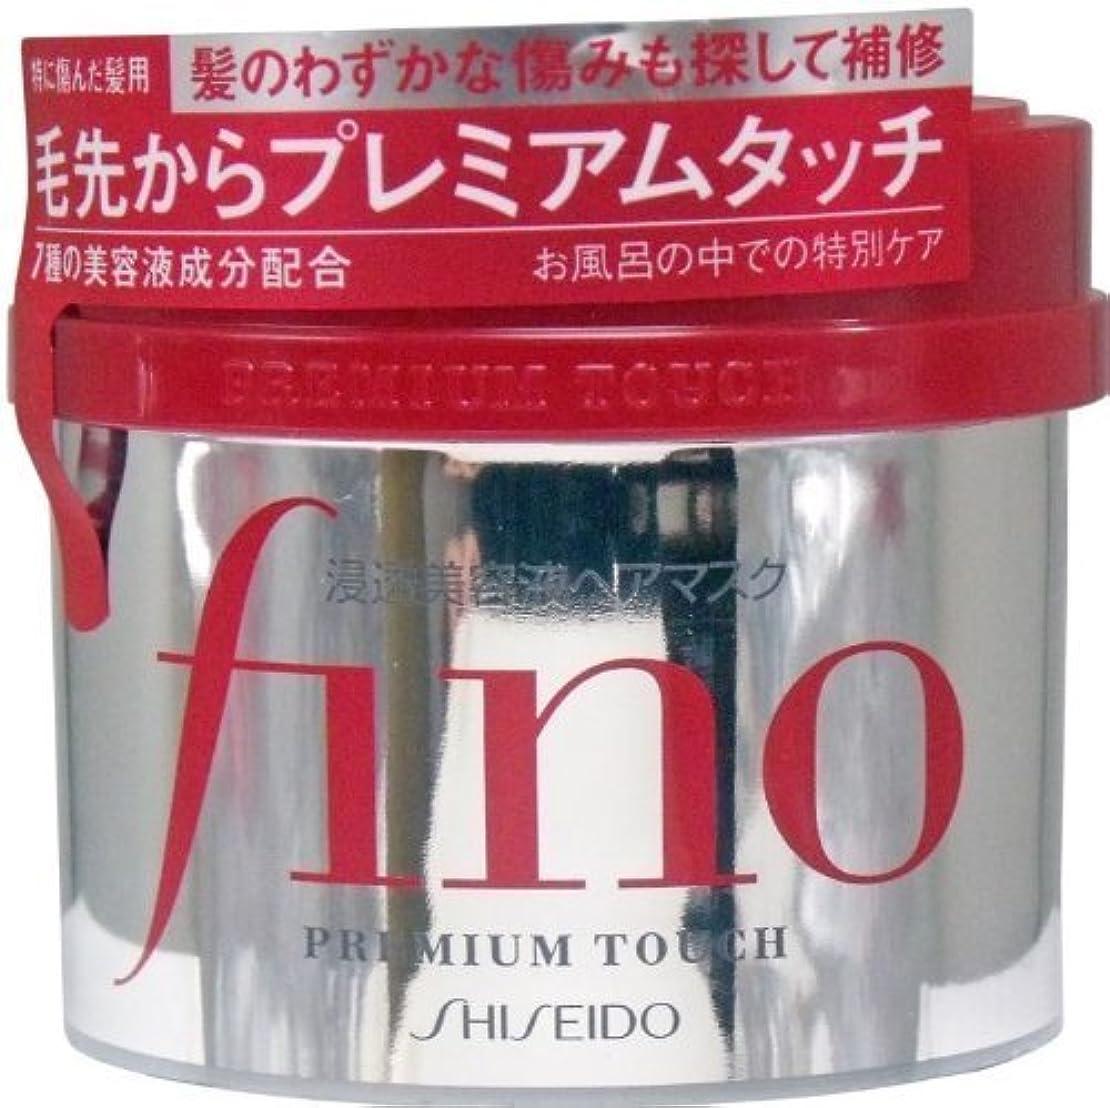 アラームの中でリングフィーノ プレミアムタッチ 浸透美容液ヘアマスク ヘアトリートメント 230g「2点セット」